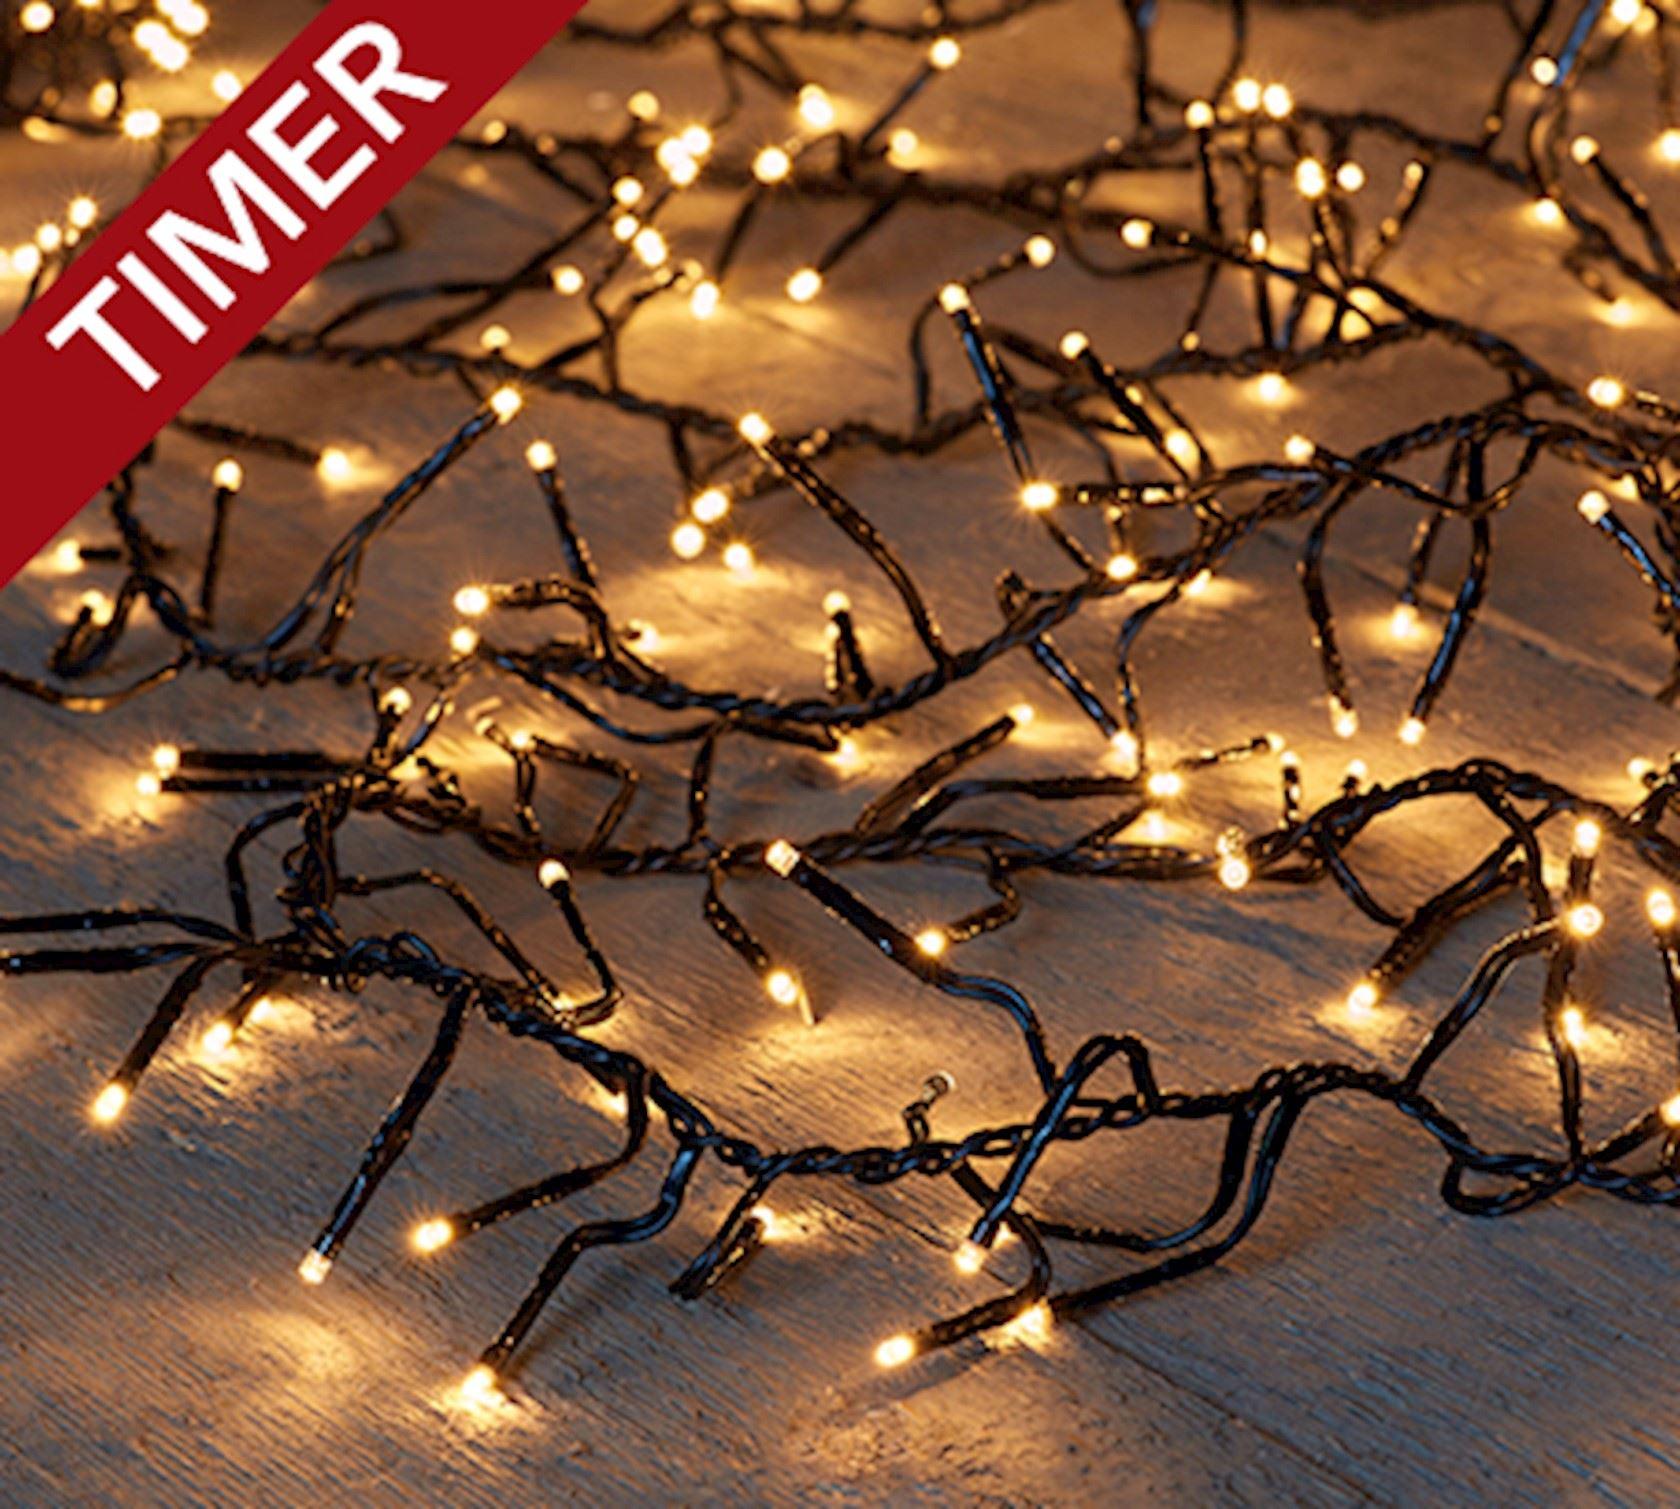 Kerstlampjes wit (warm) cluster 15m met 1152 LED-lampjes